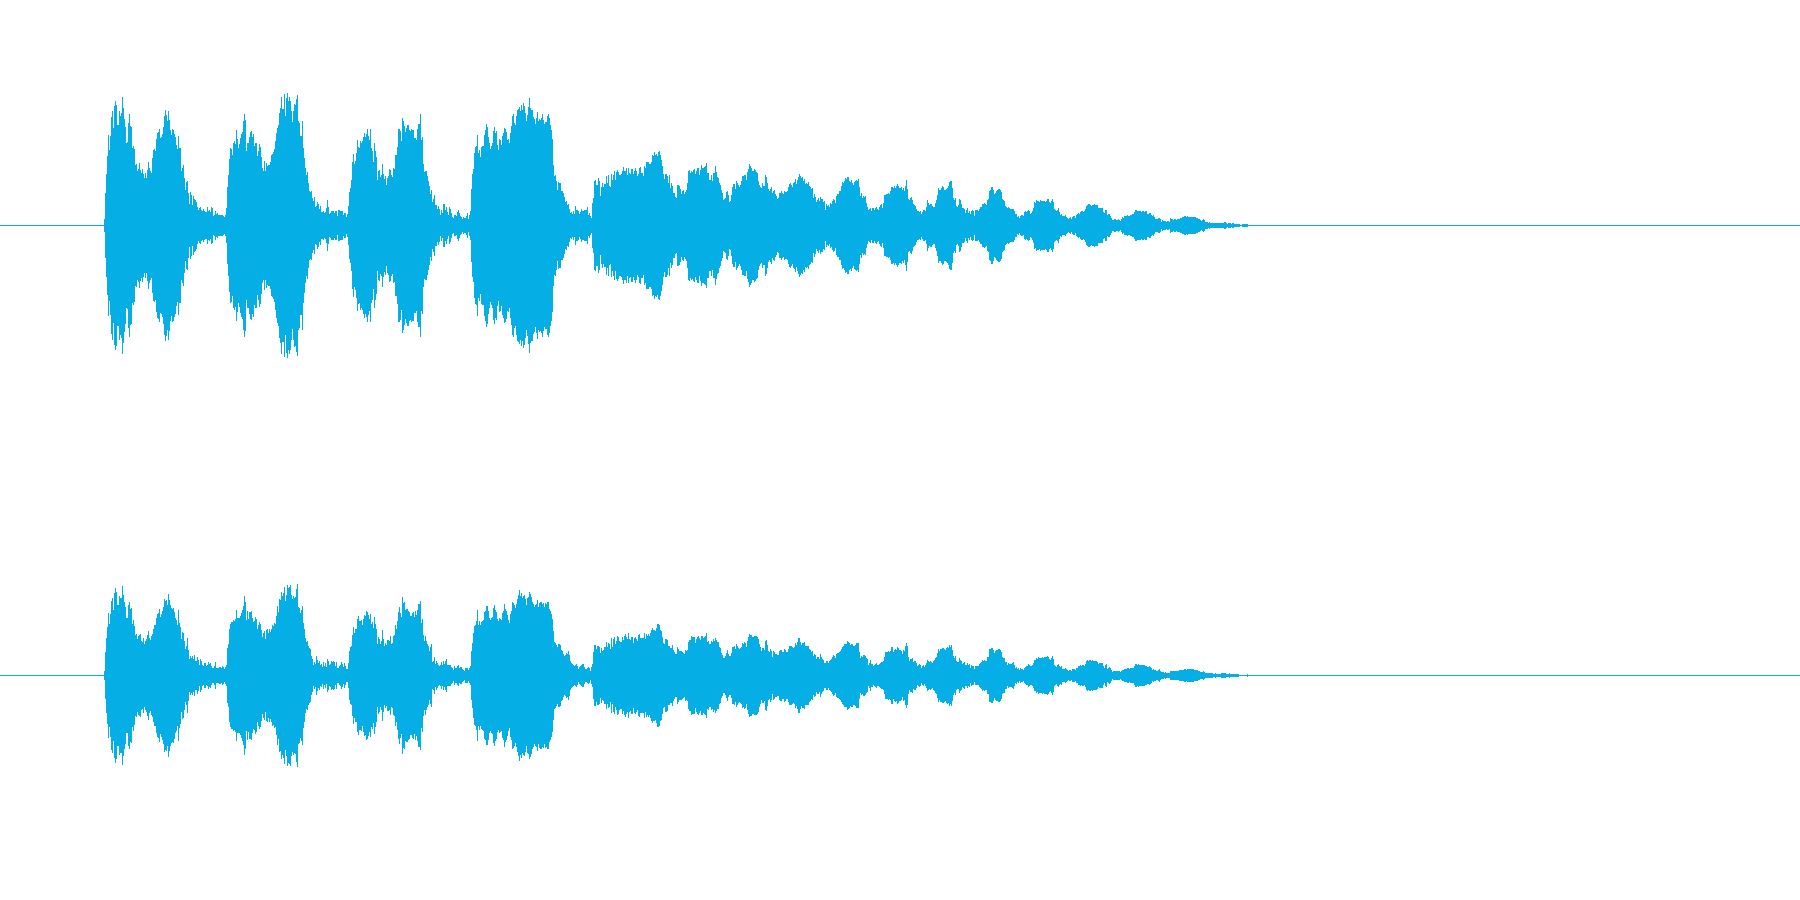 ボワンボワ~ン(力の抜けるオチの音)の再生済みの波形